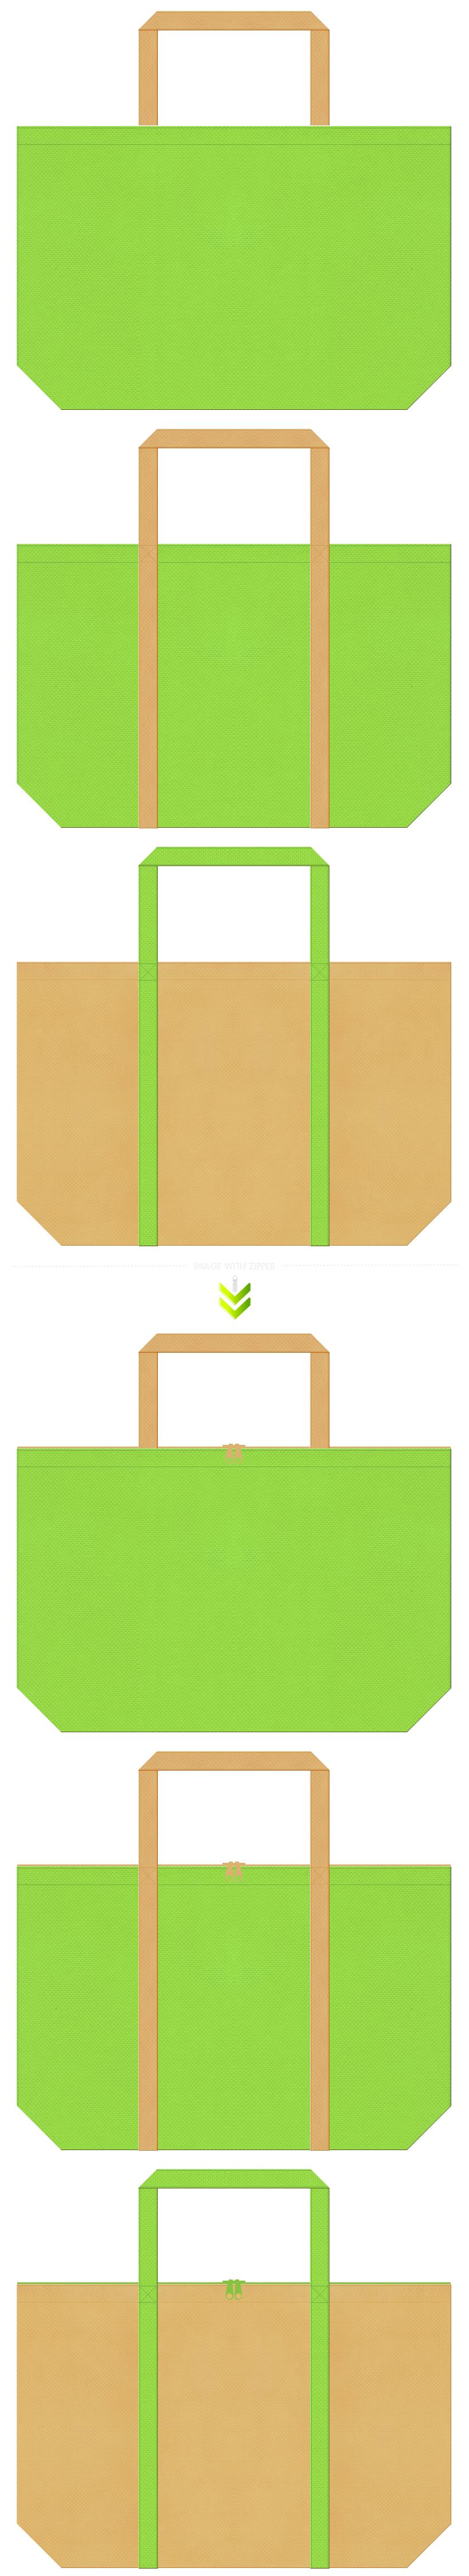 黄緑色と薄黄土色の不織布エコバッグのデザイン。牧場イメージにお奨めです。